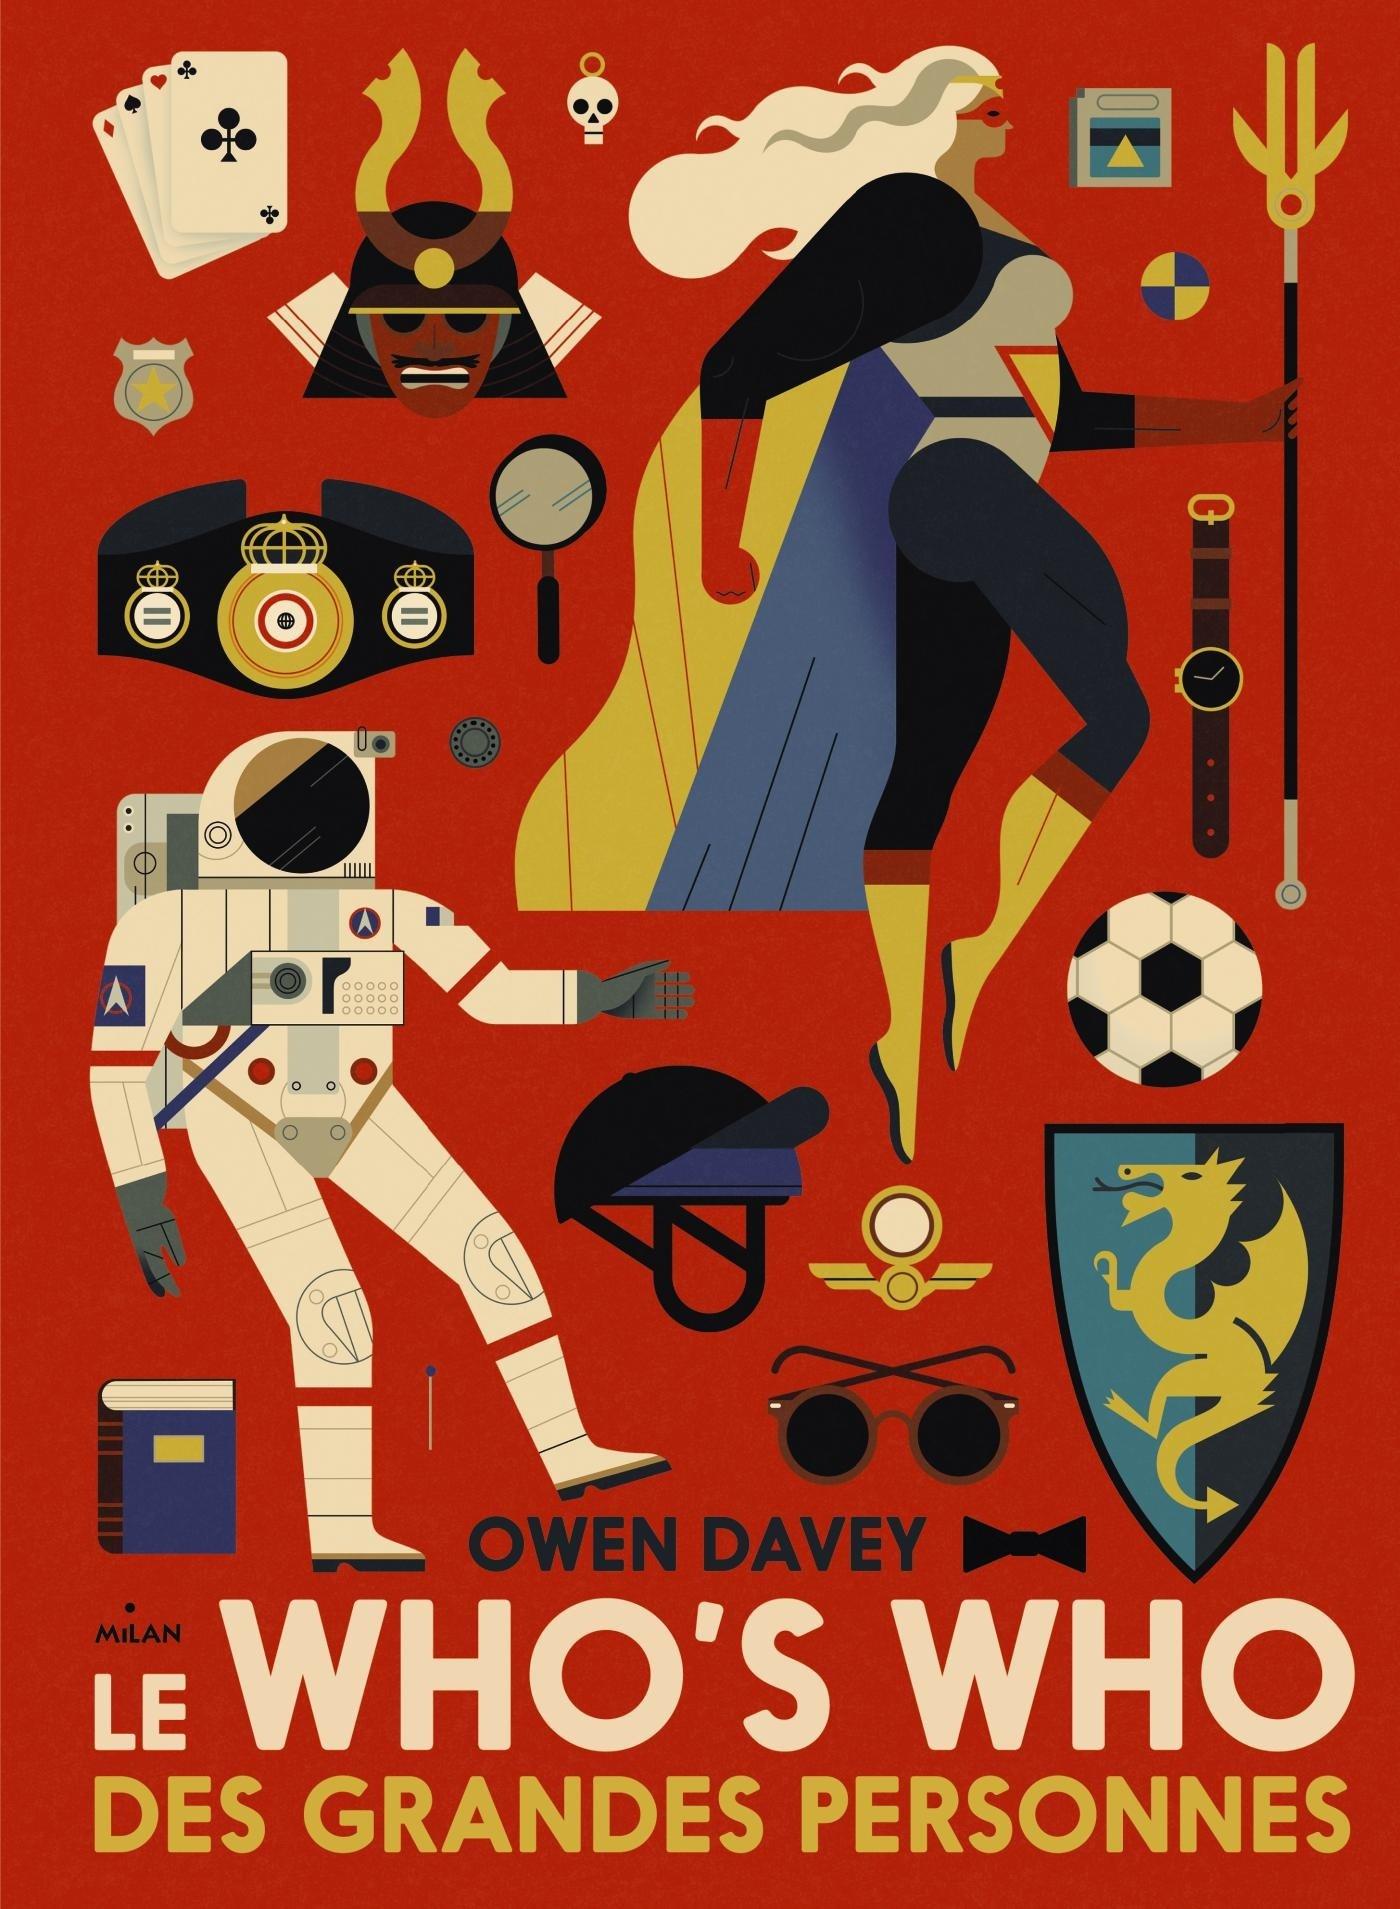 Le who's who des grandes personnes Album – 20 septembre 2017 Davey OWEN Editions Milan 2745979515 JUVENILE NONFICTION / General